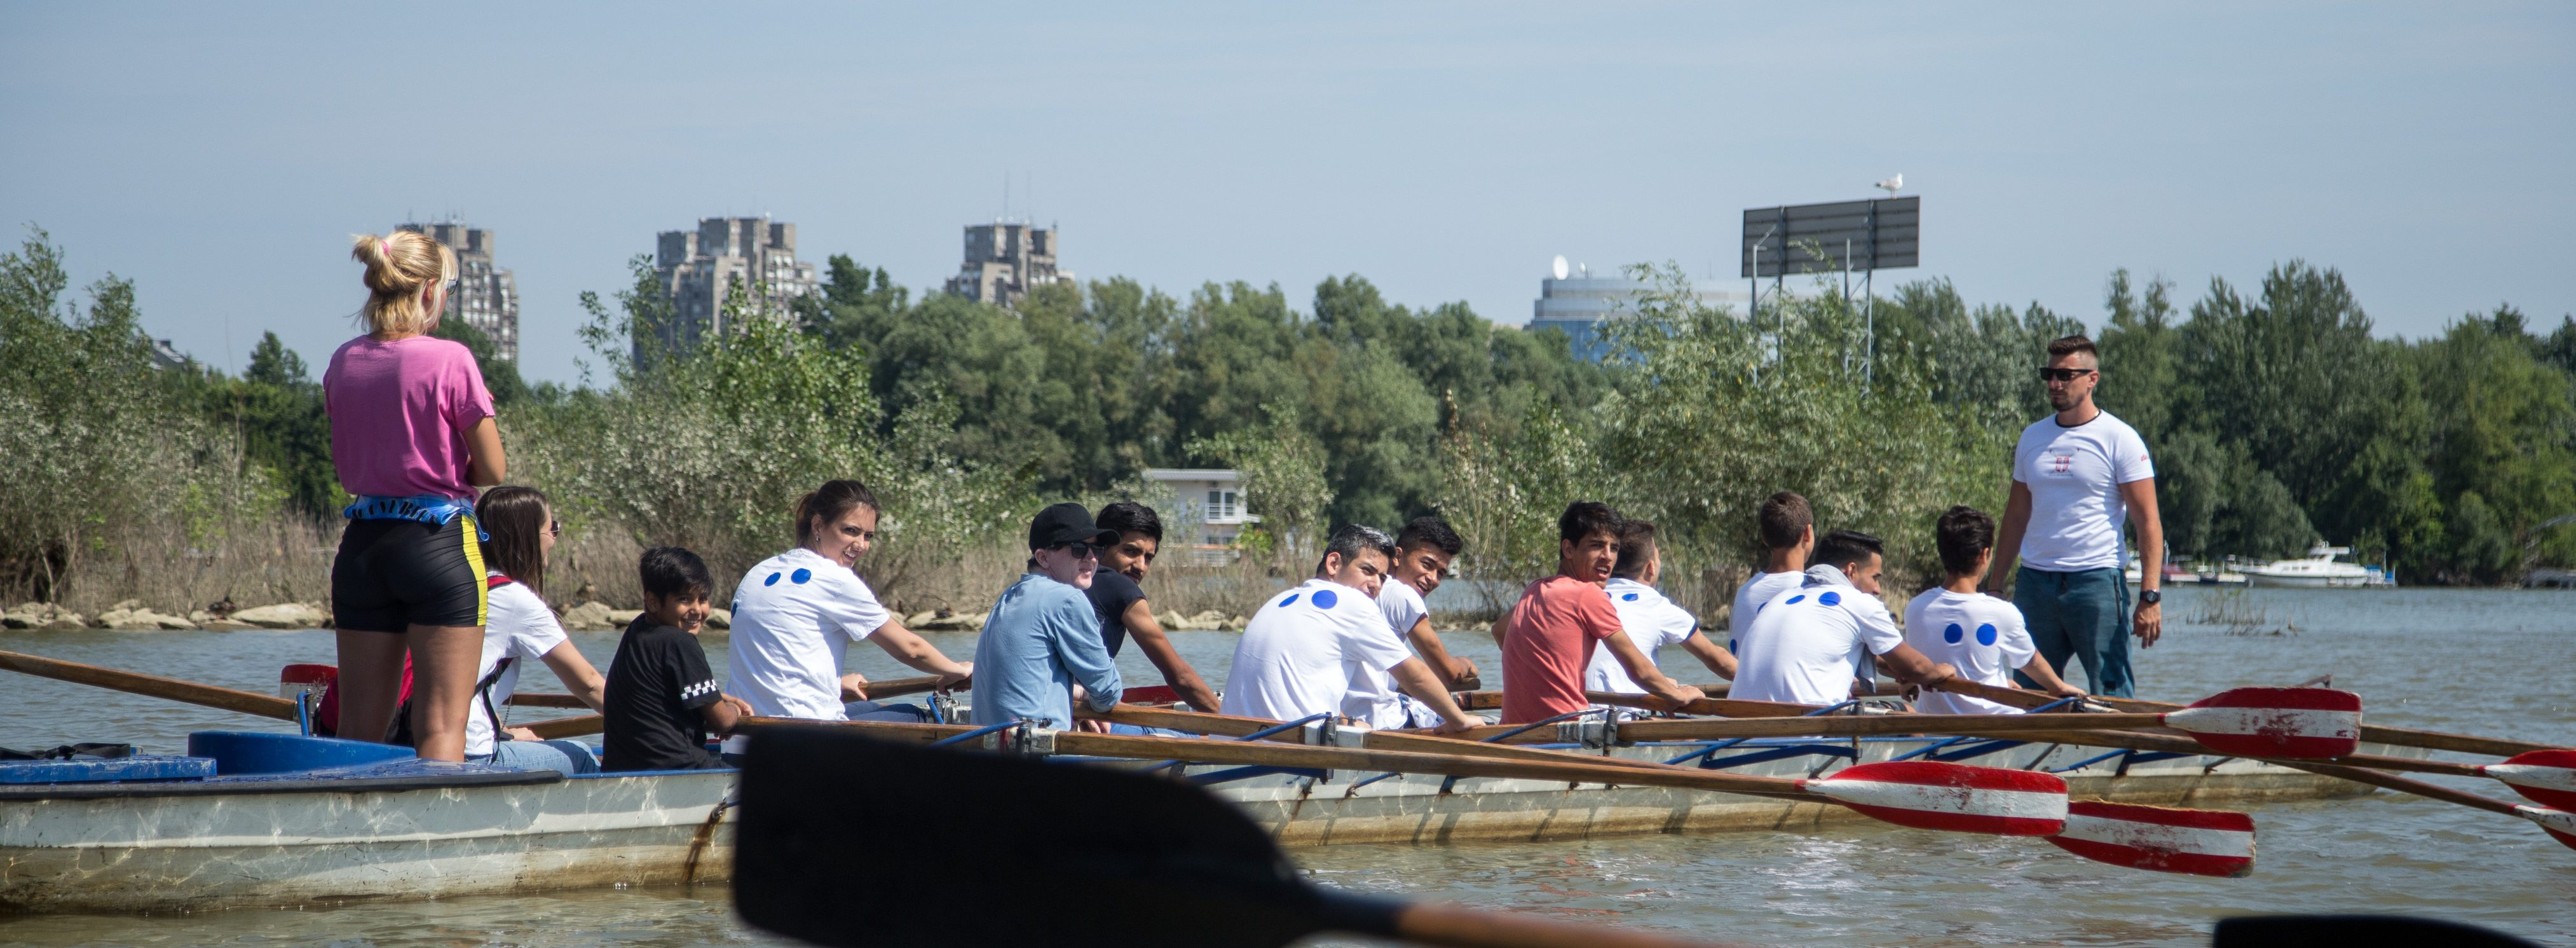 Čas rekreativnog veslanja za decu